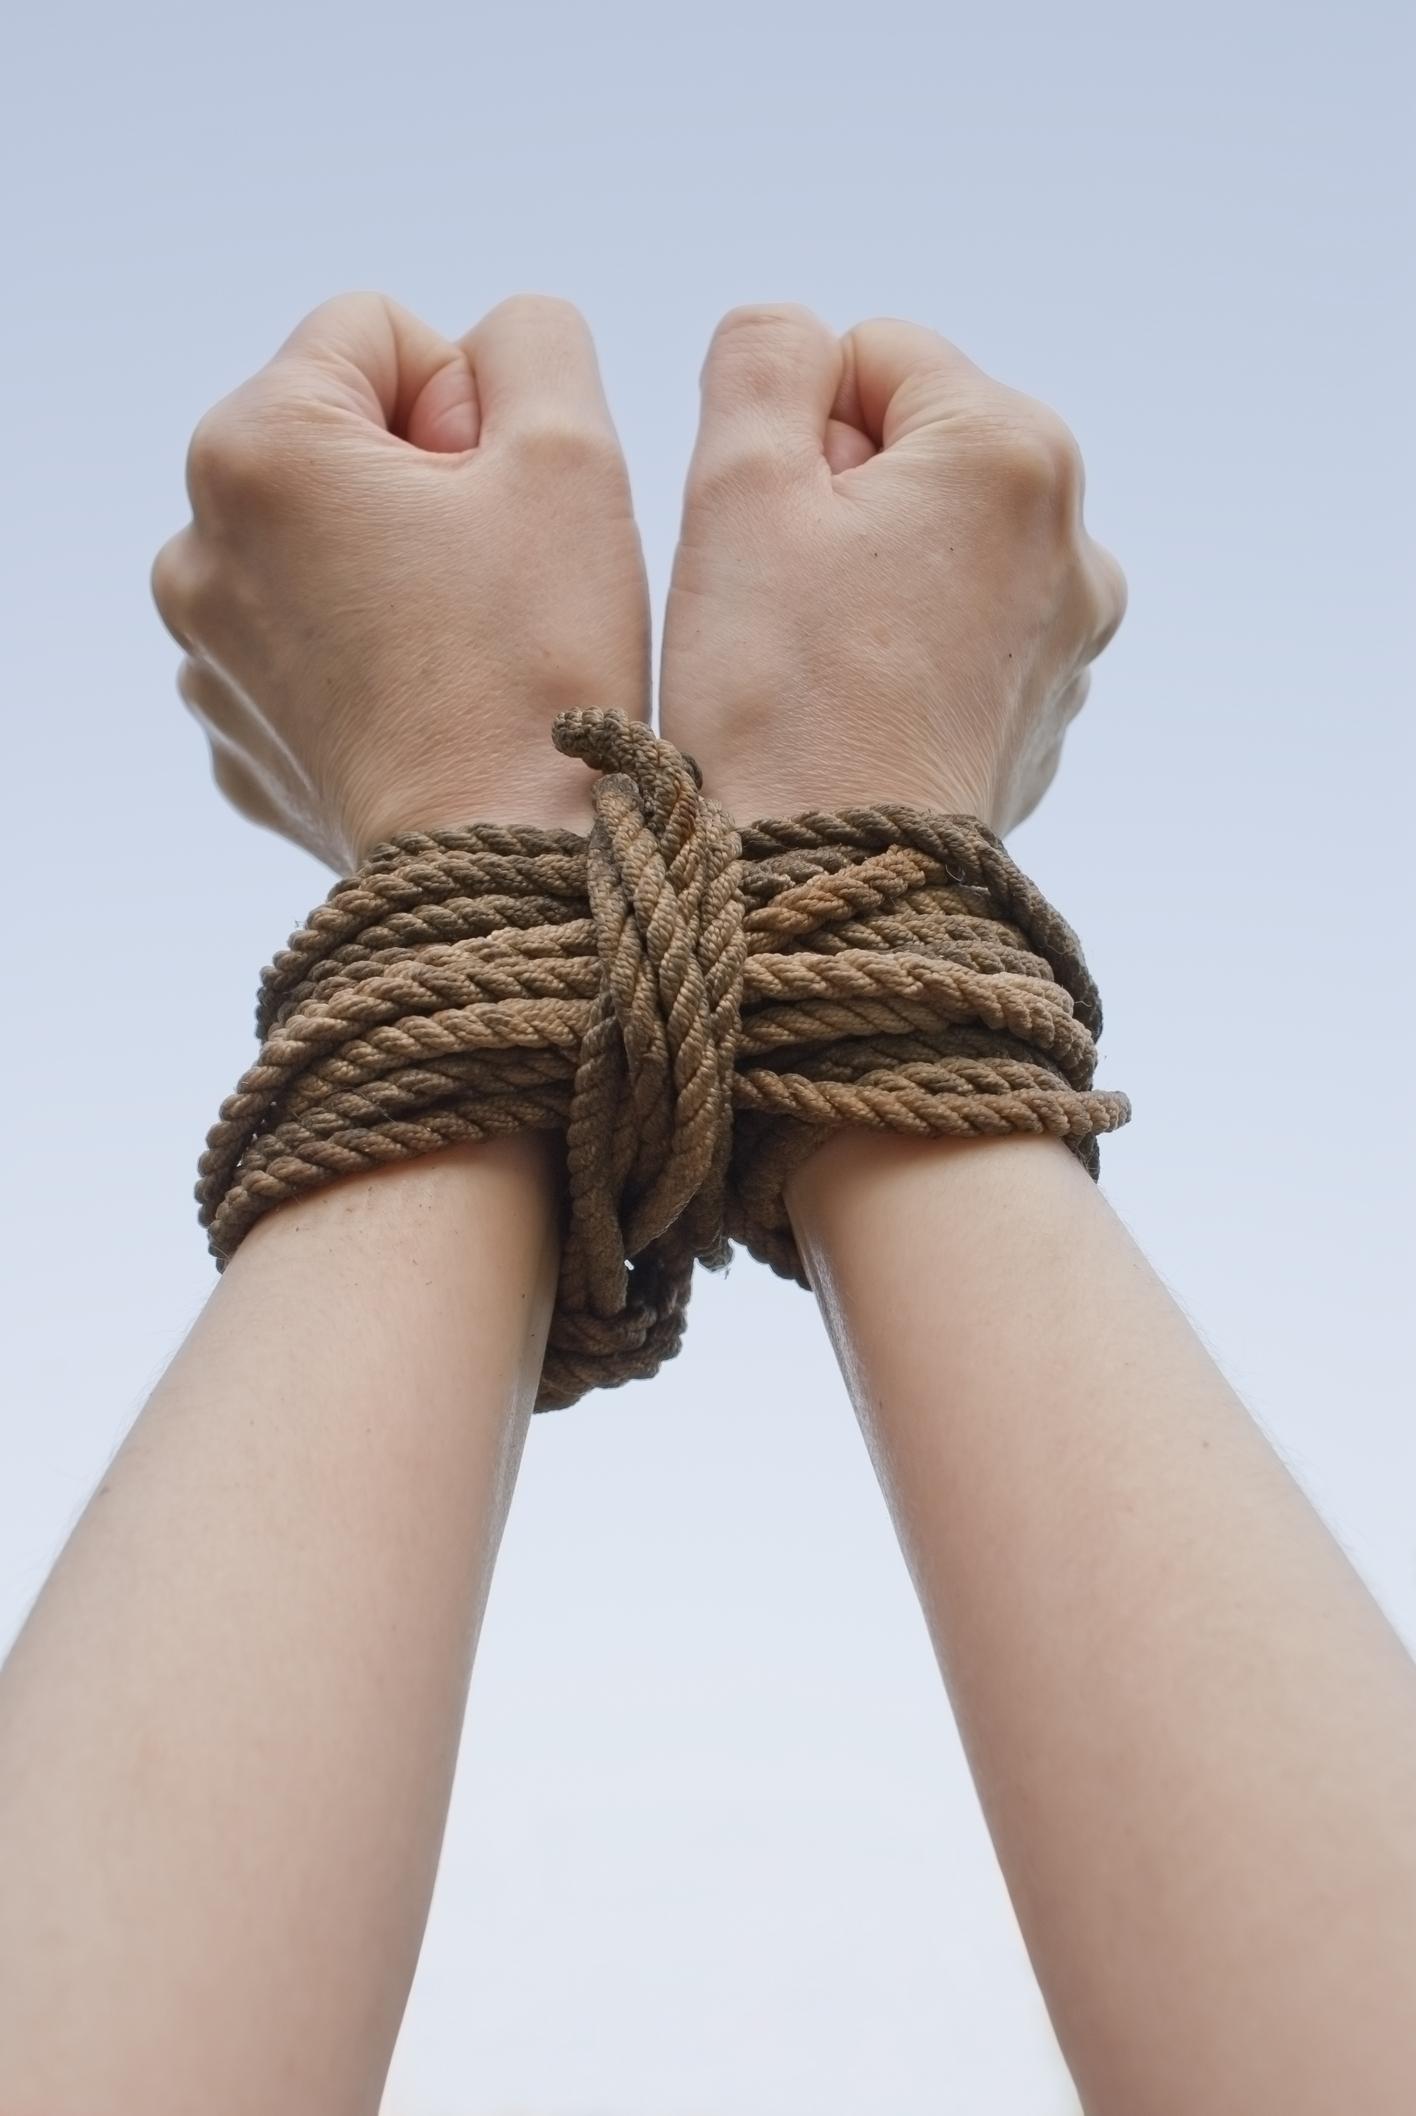 Связать веревкой женщину 14 фотография